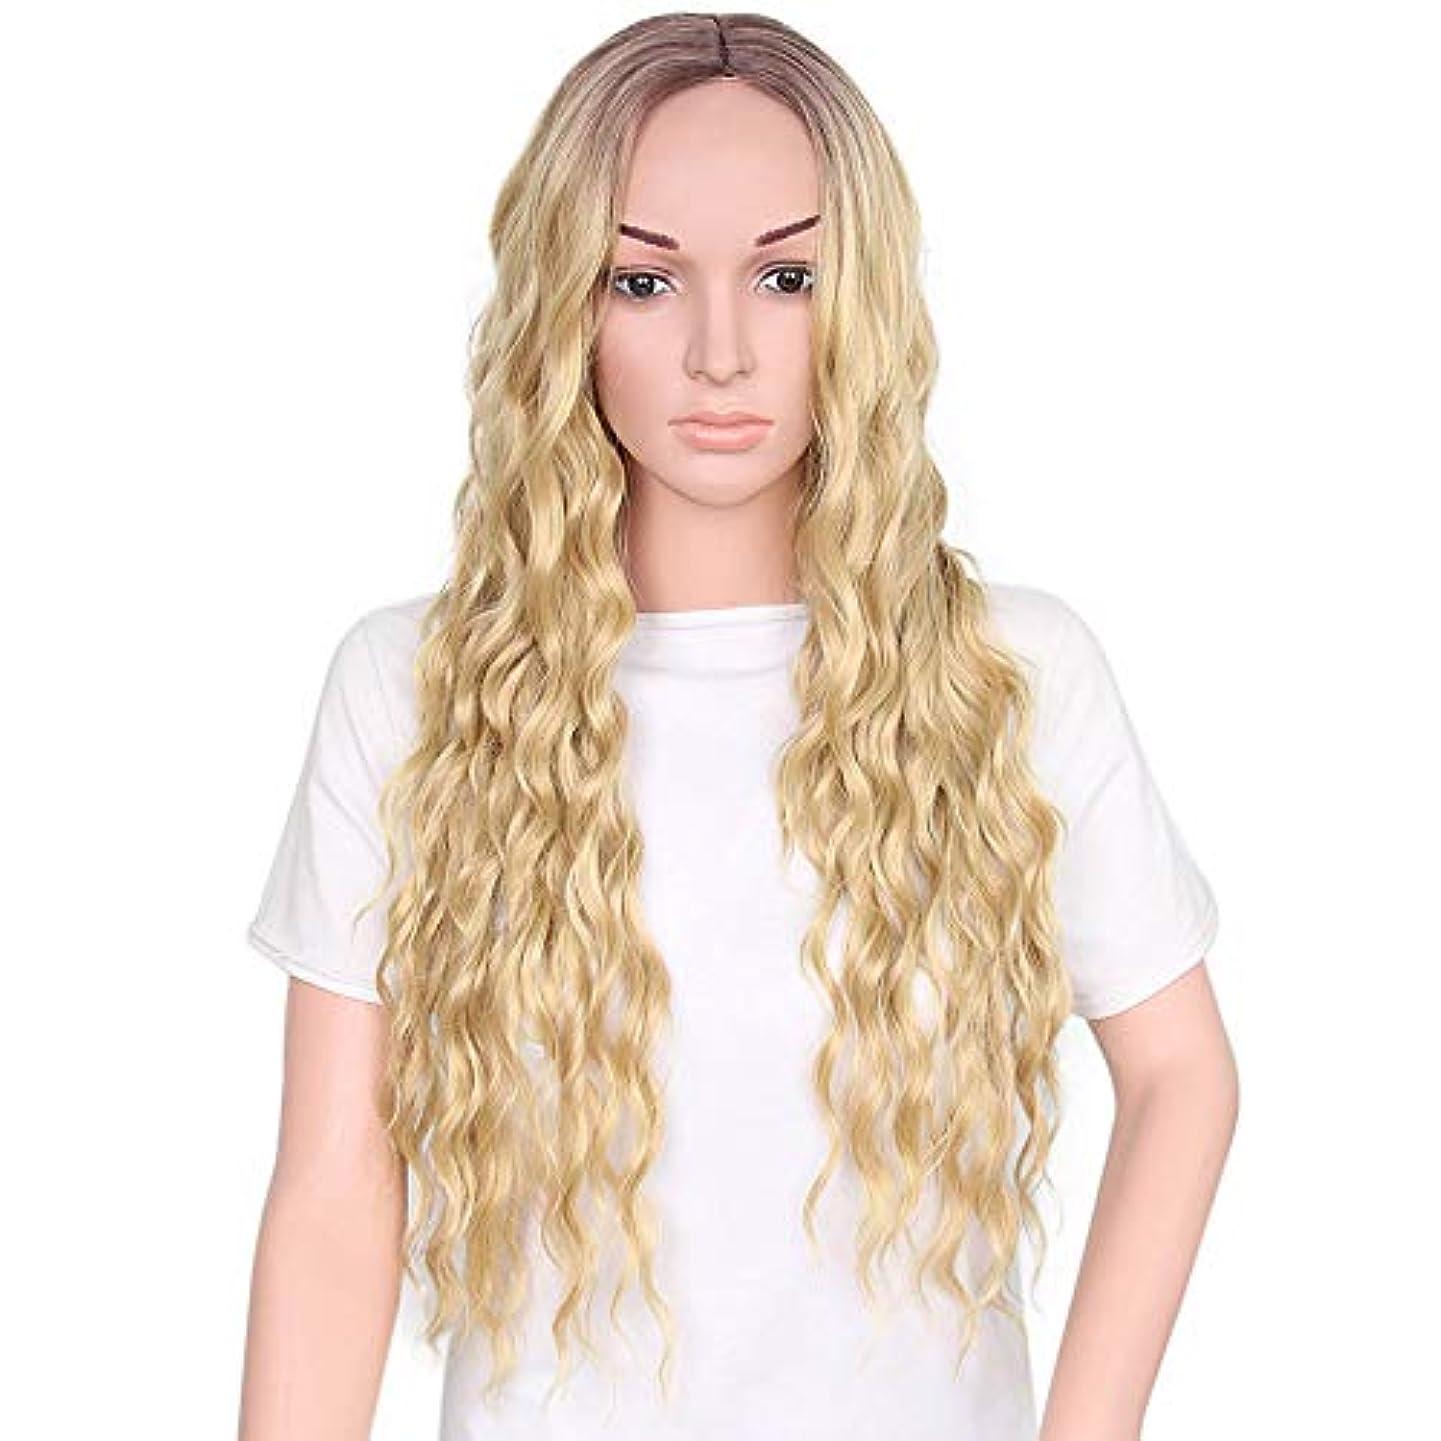 トーン未払い大ウィッグ つけ毛 30インチ人工毛ブロンドの長い巻き毛のかつら女性のための中部コスプレ衣装デイリーパーティーかつら (色 : Blonde, サイズ : 30